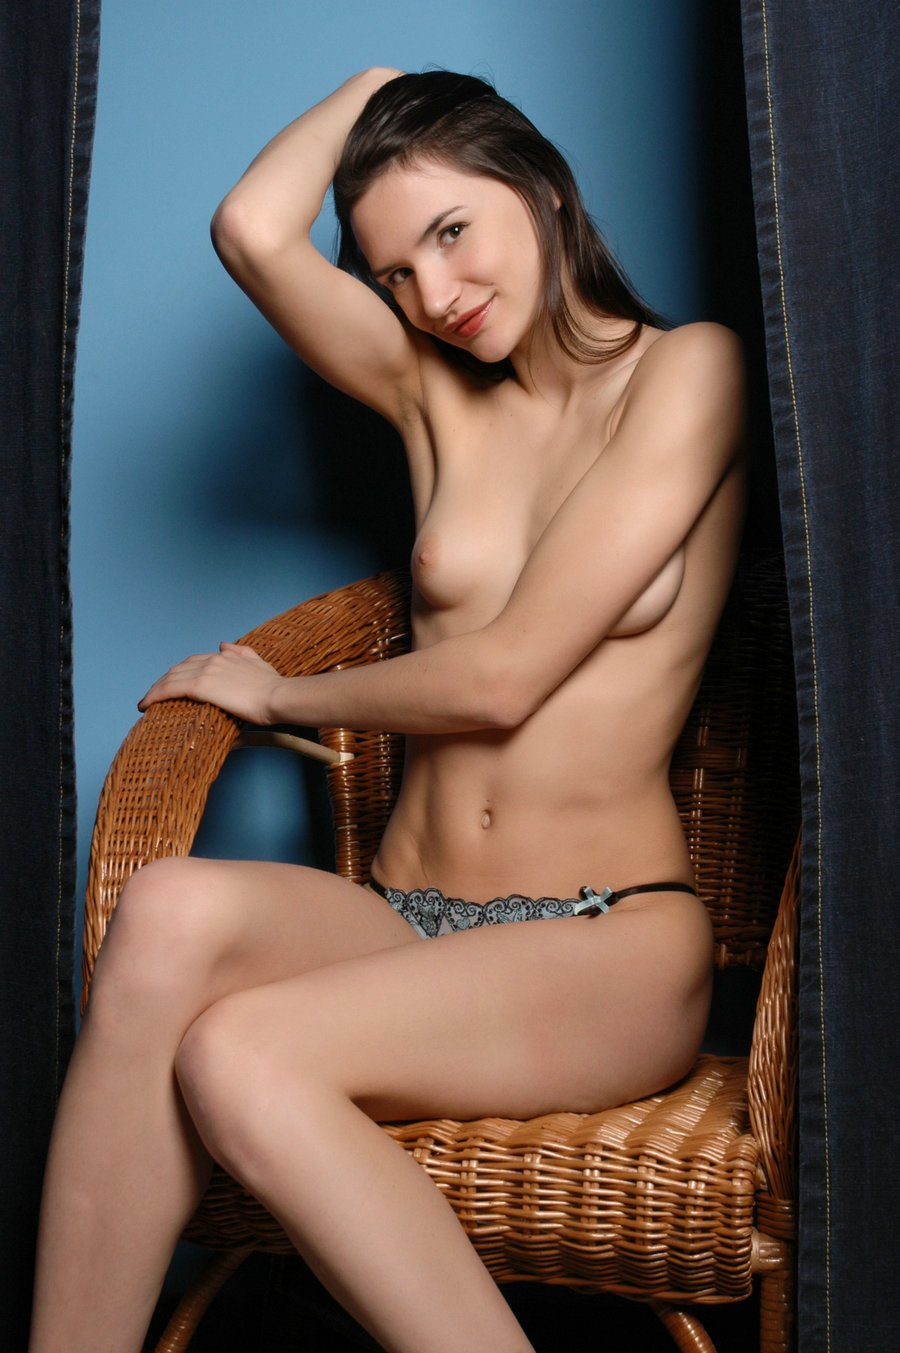 蓝色背景室拍藤椅上的长头发美模